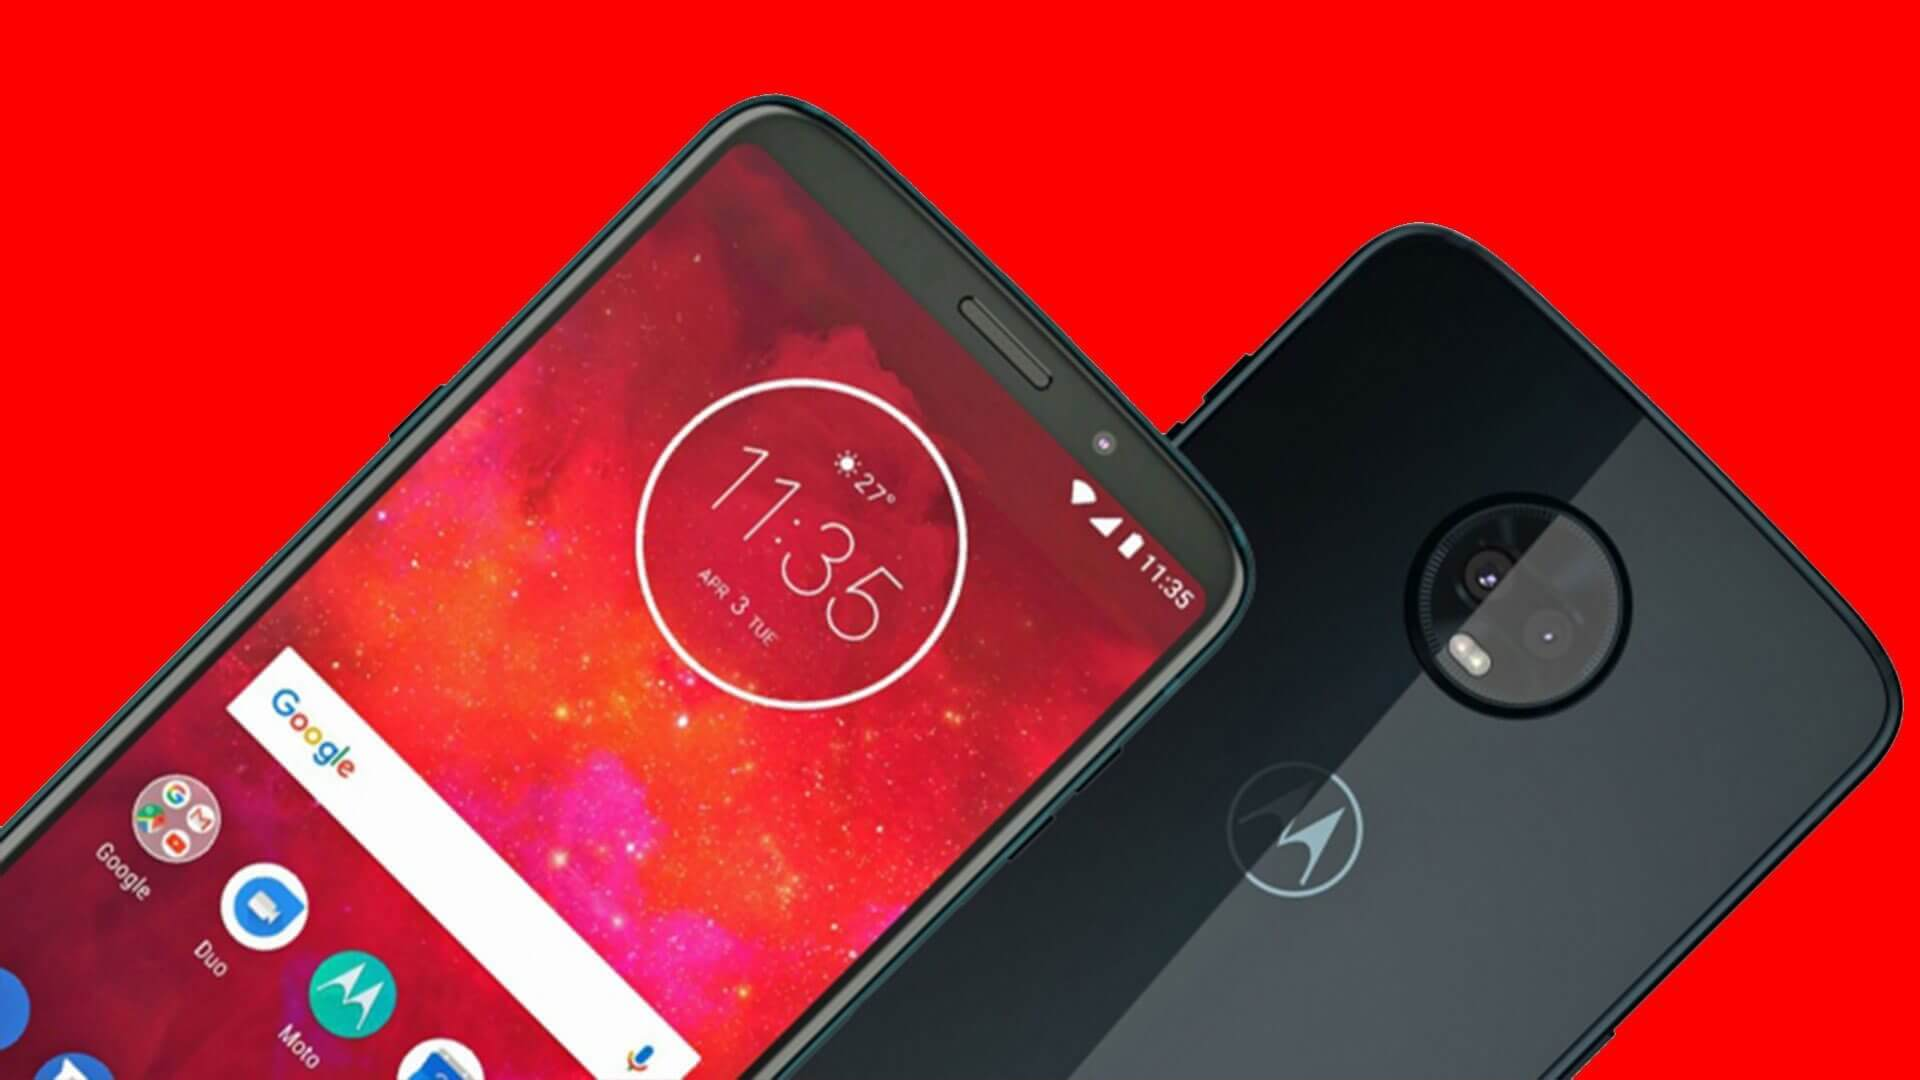 Sem Título 1 - Imagem vazada do Moto Z3 Play revela que o leitor de digitais está na lateral